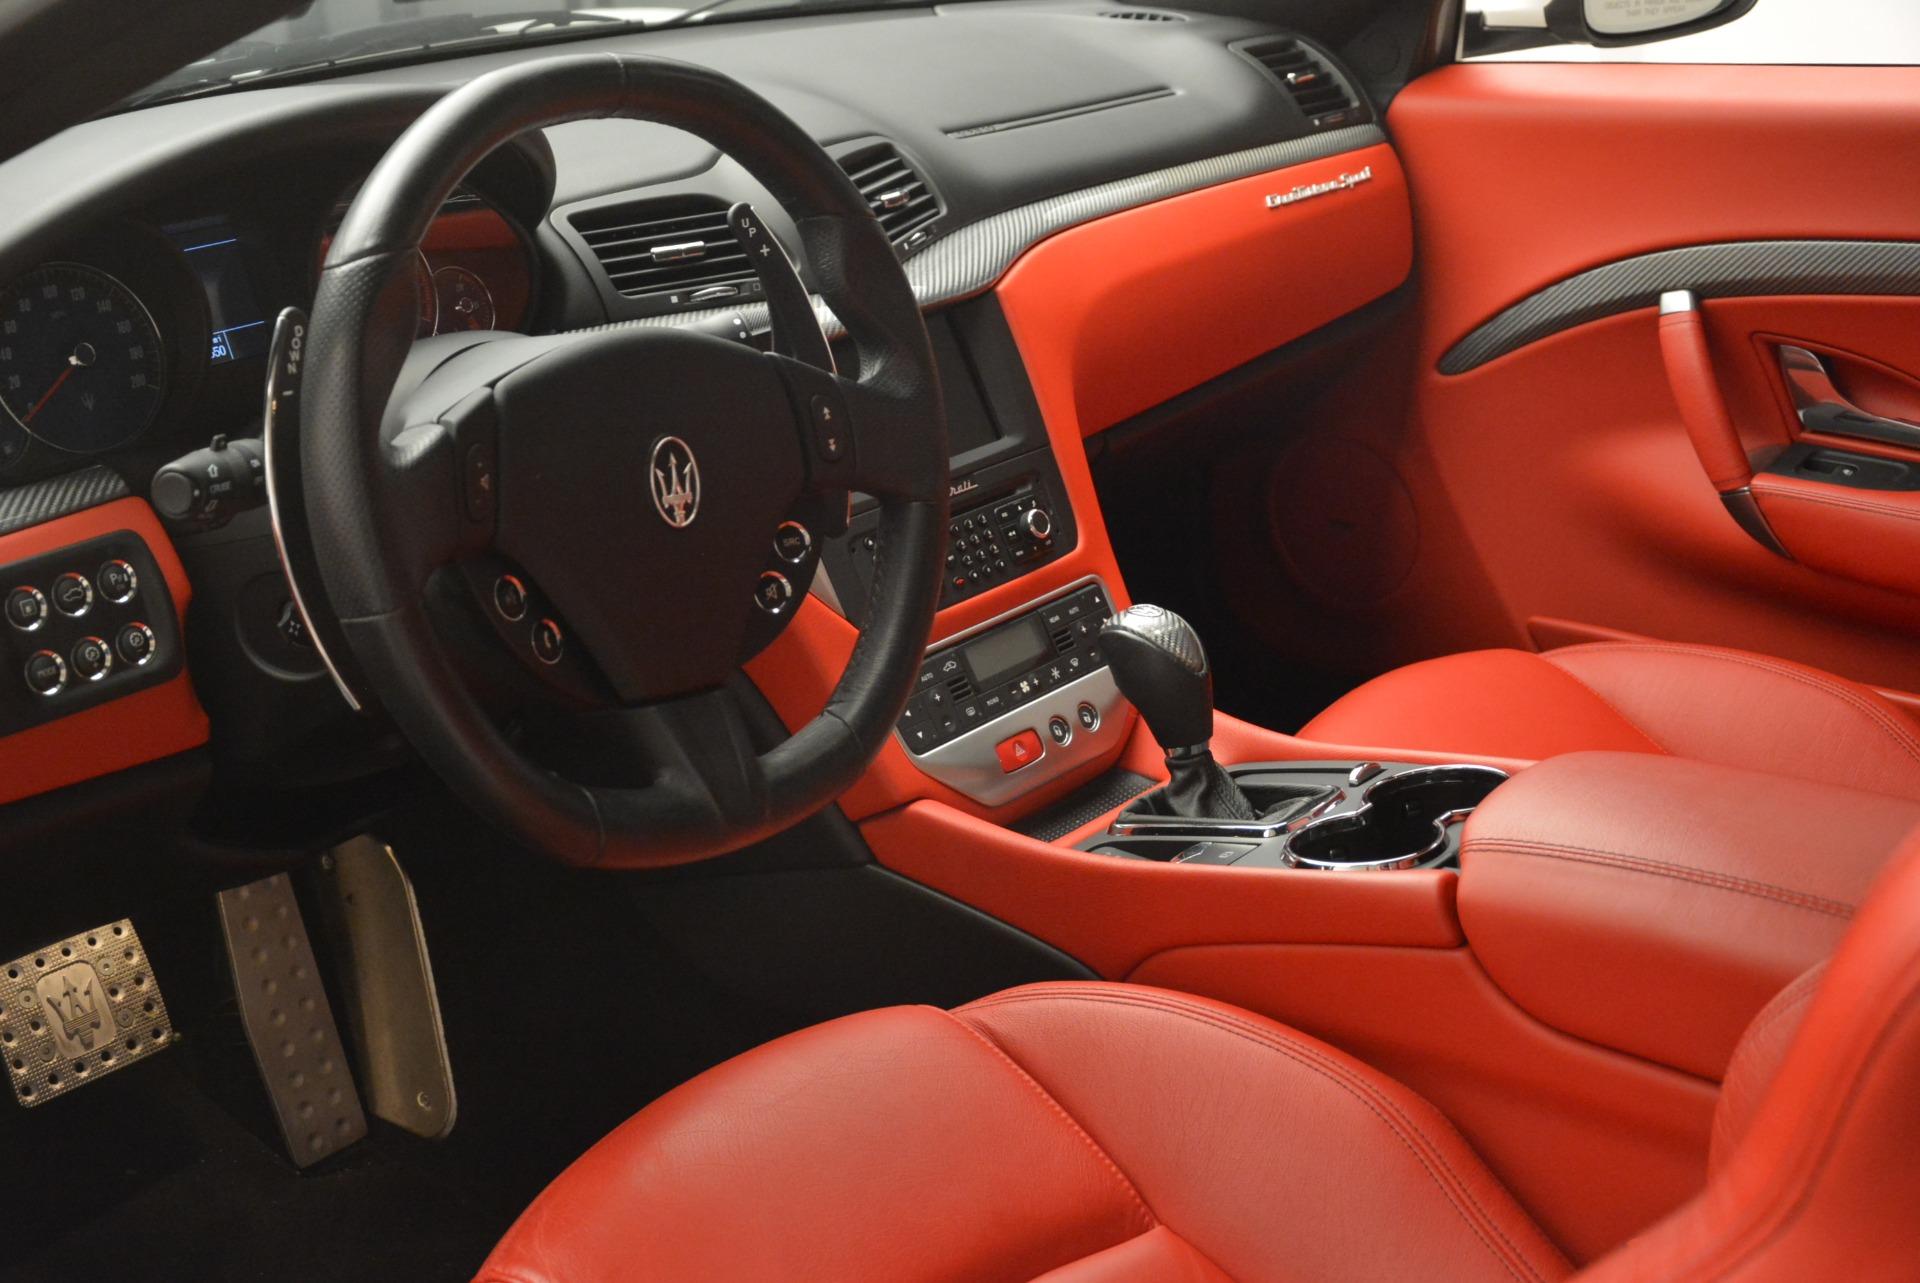 Used 2015 Maserati GranTurismo Sport For Sale In Greenwich, CT 2233_p13